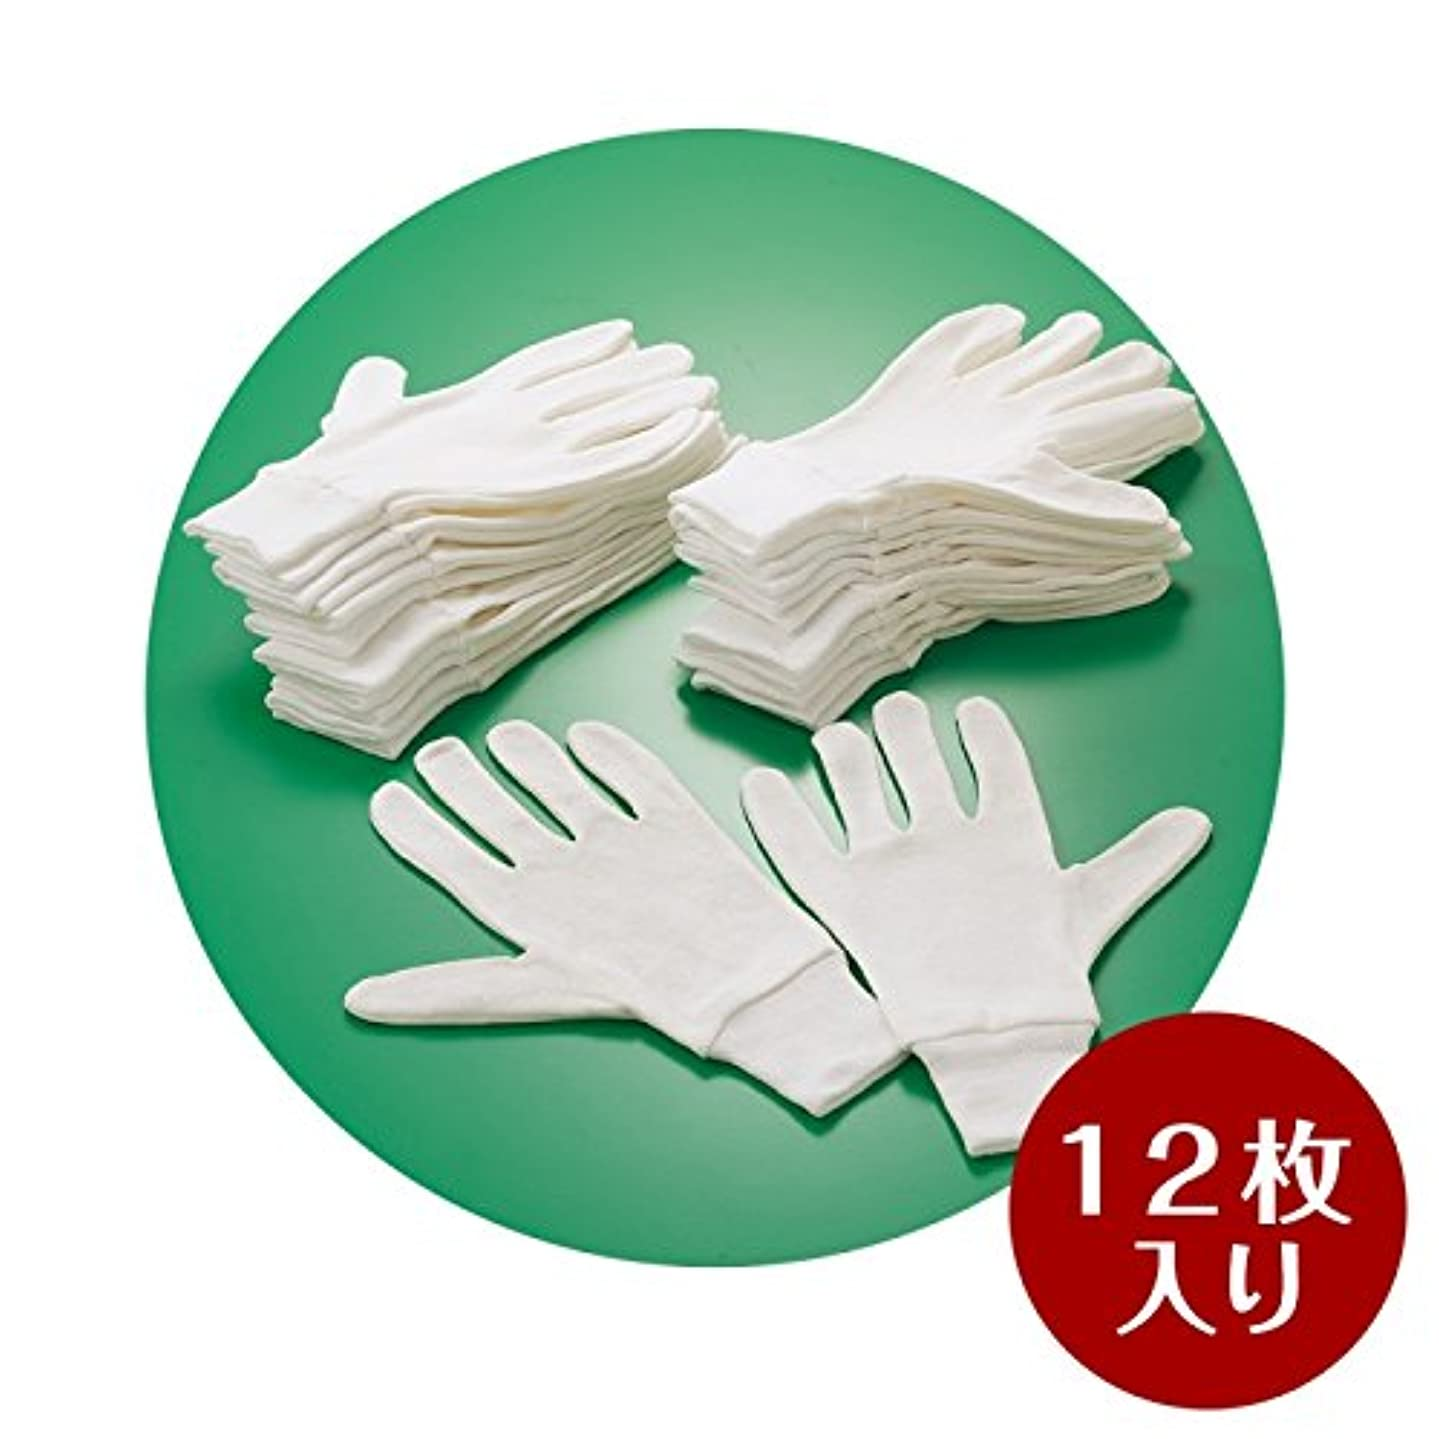 オーラル芽代わりに手袋 コットン手袋 12枚入り